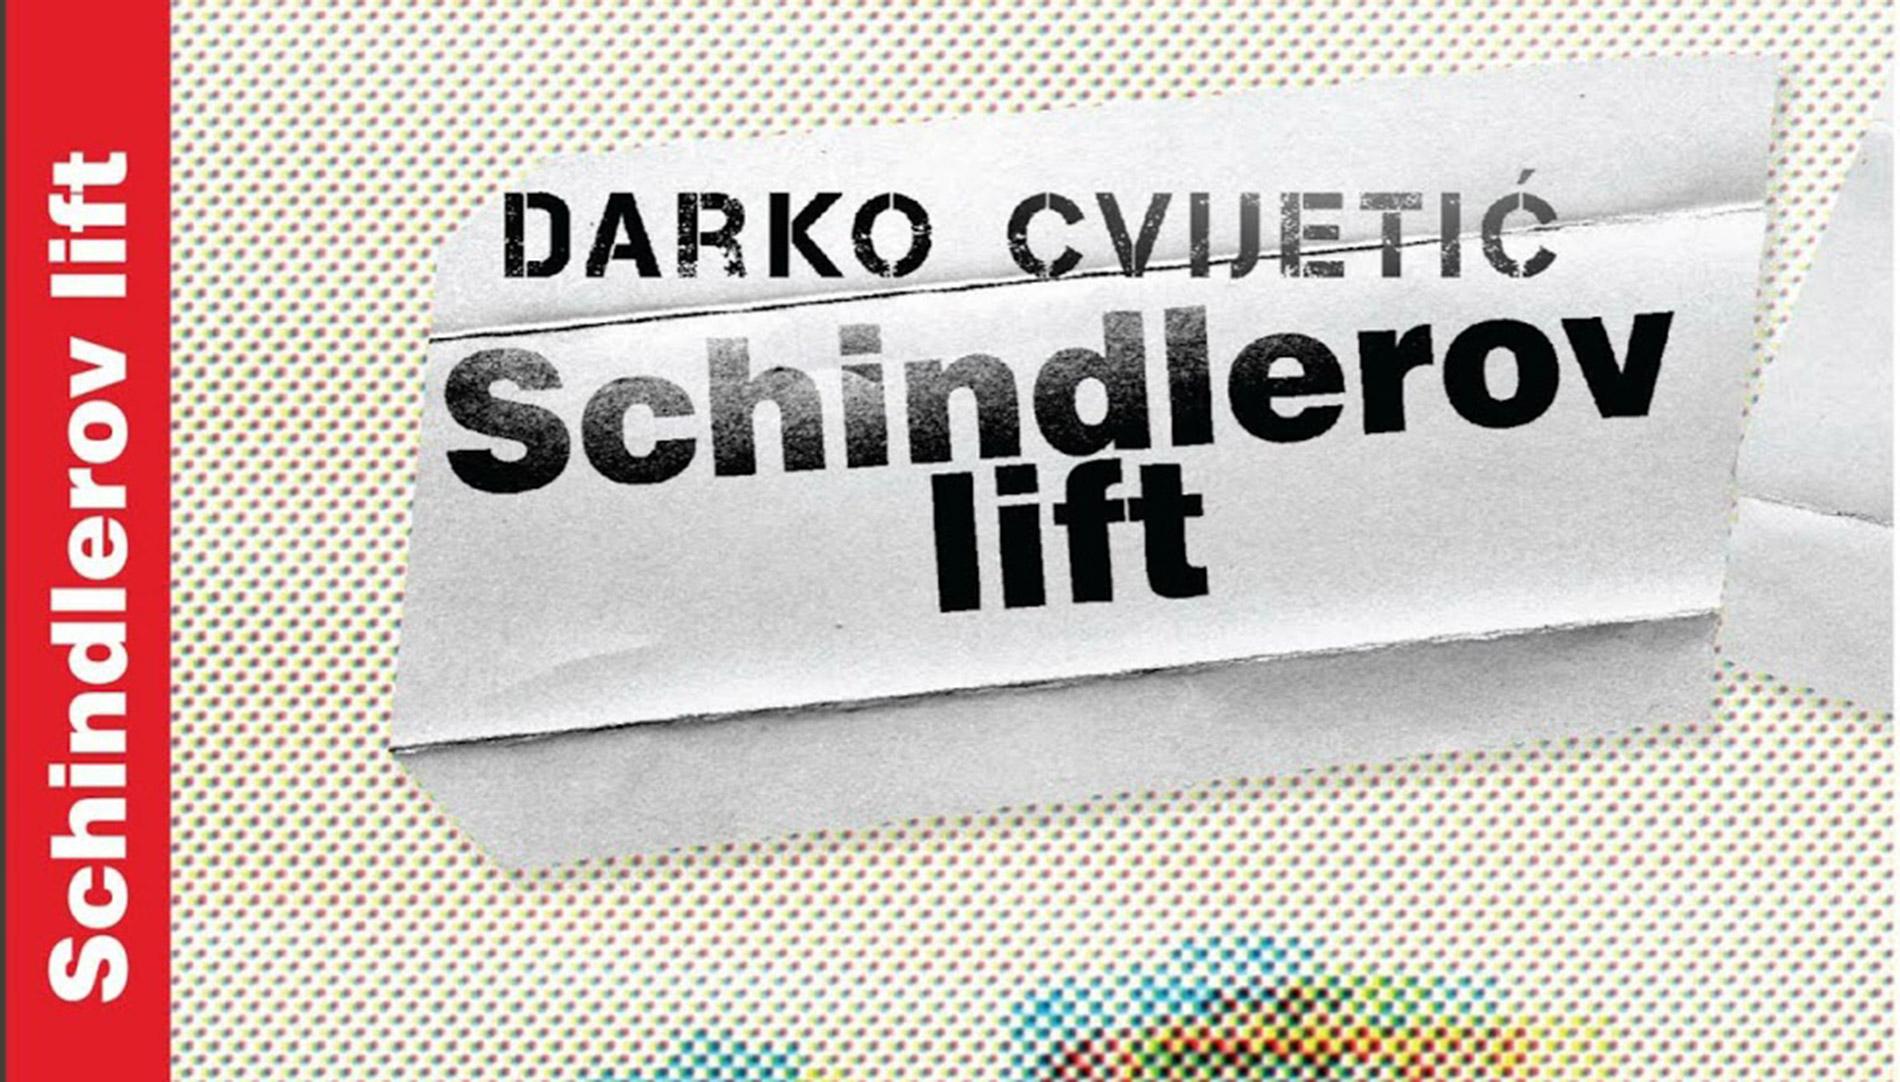 Darko Cvijetić: Schindlerov lift